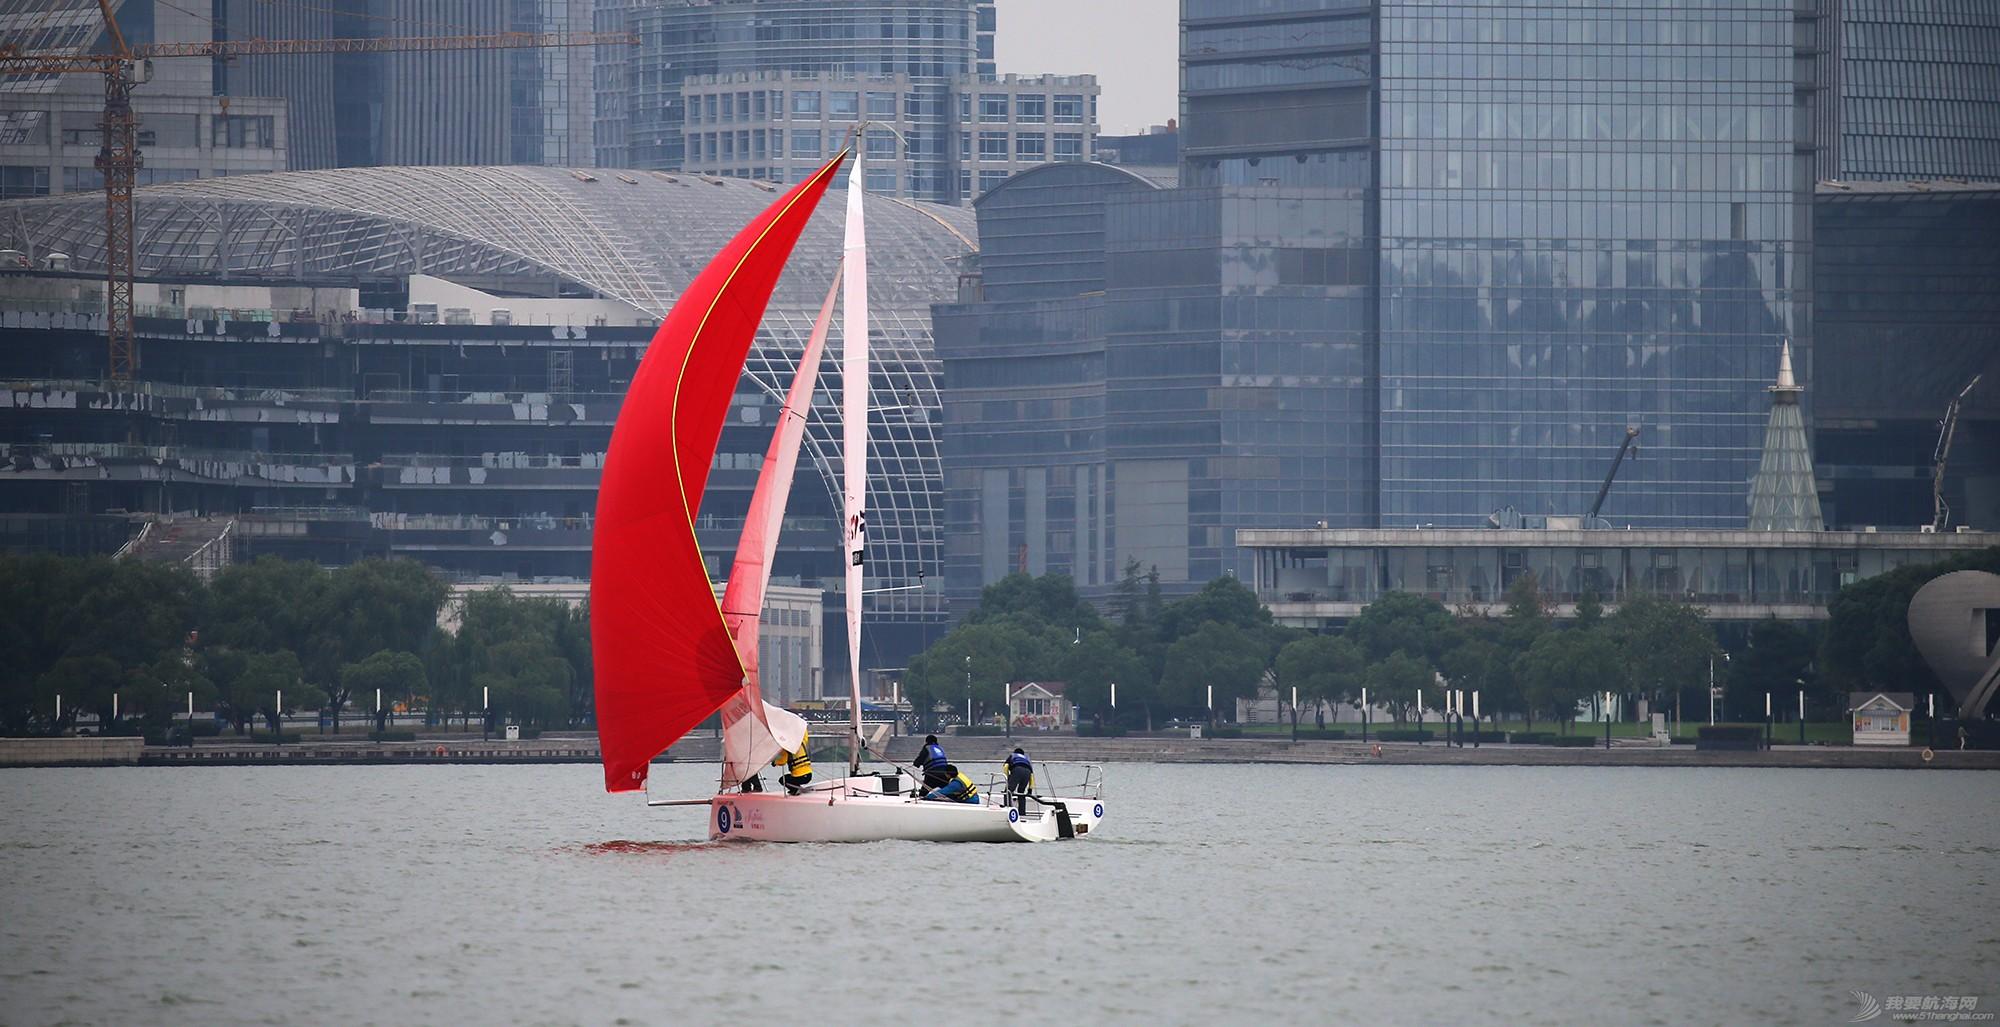 帆船,空间 帆船是灰度空间里跳动的彩色音符 E78W8591.JPG